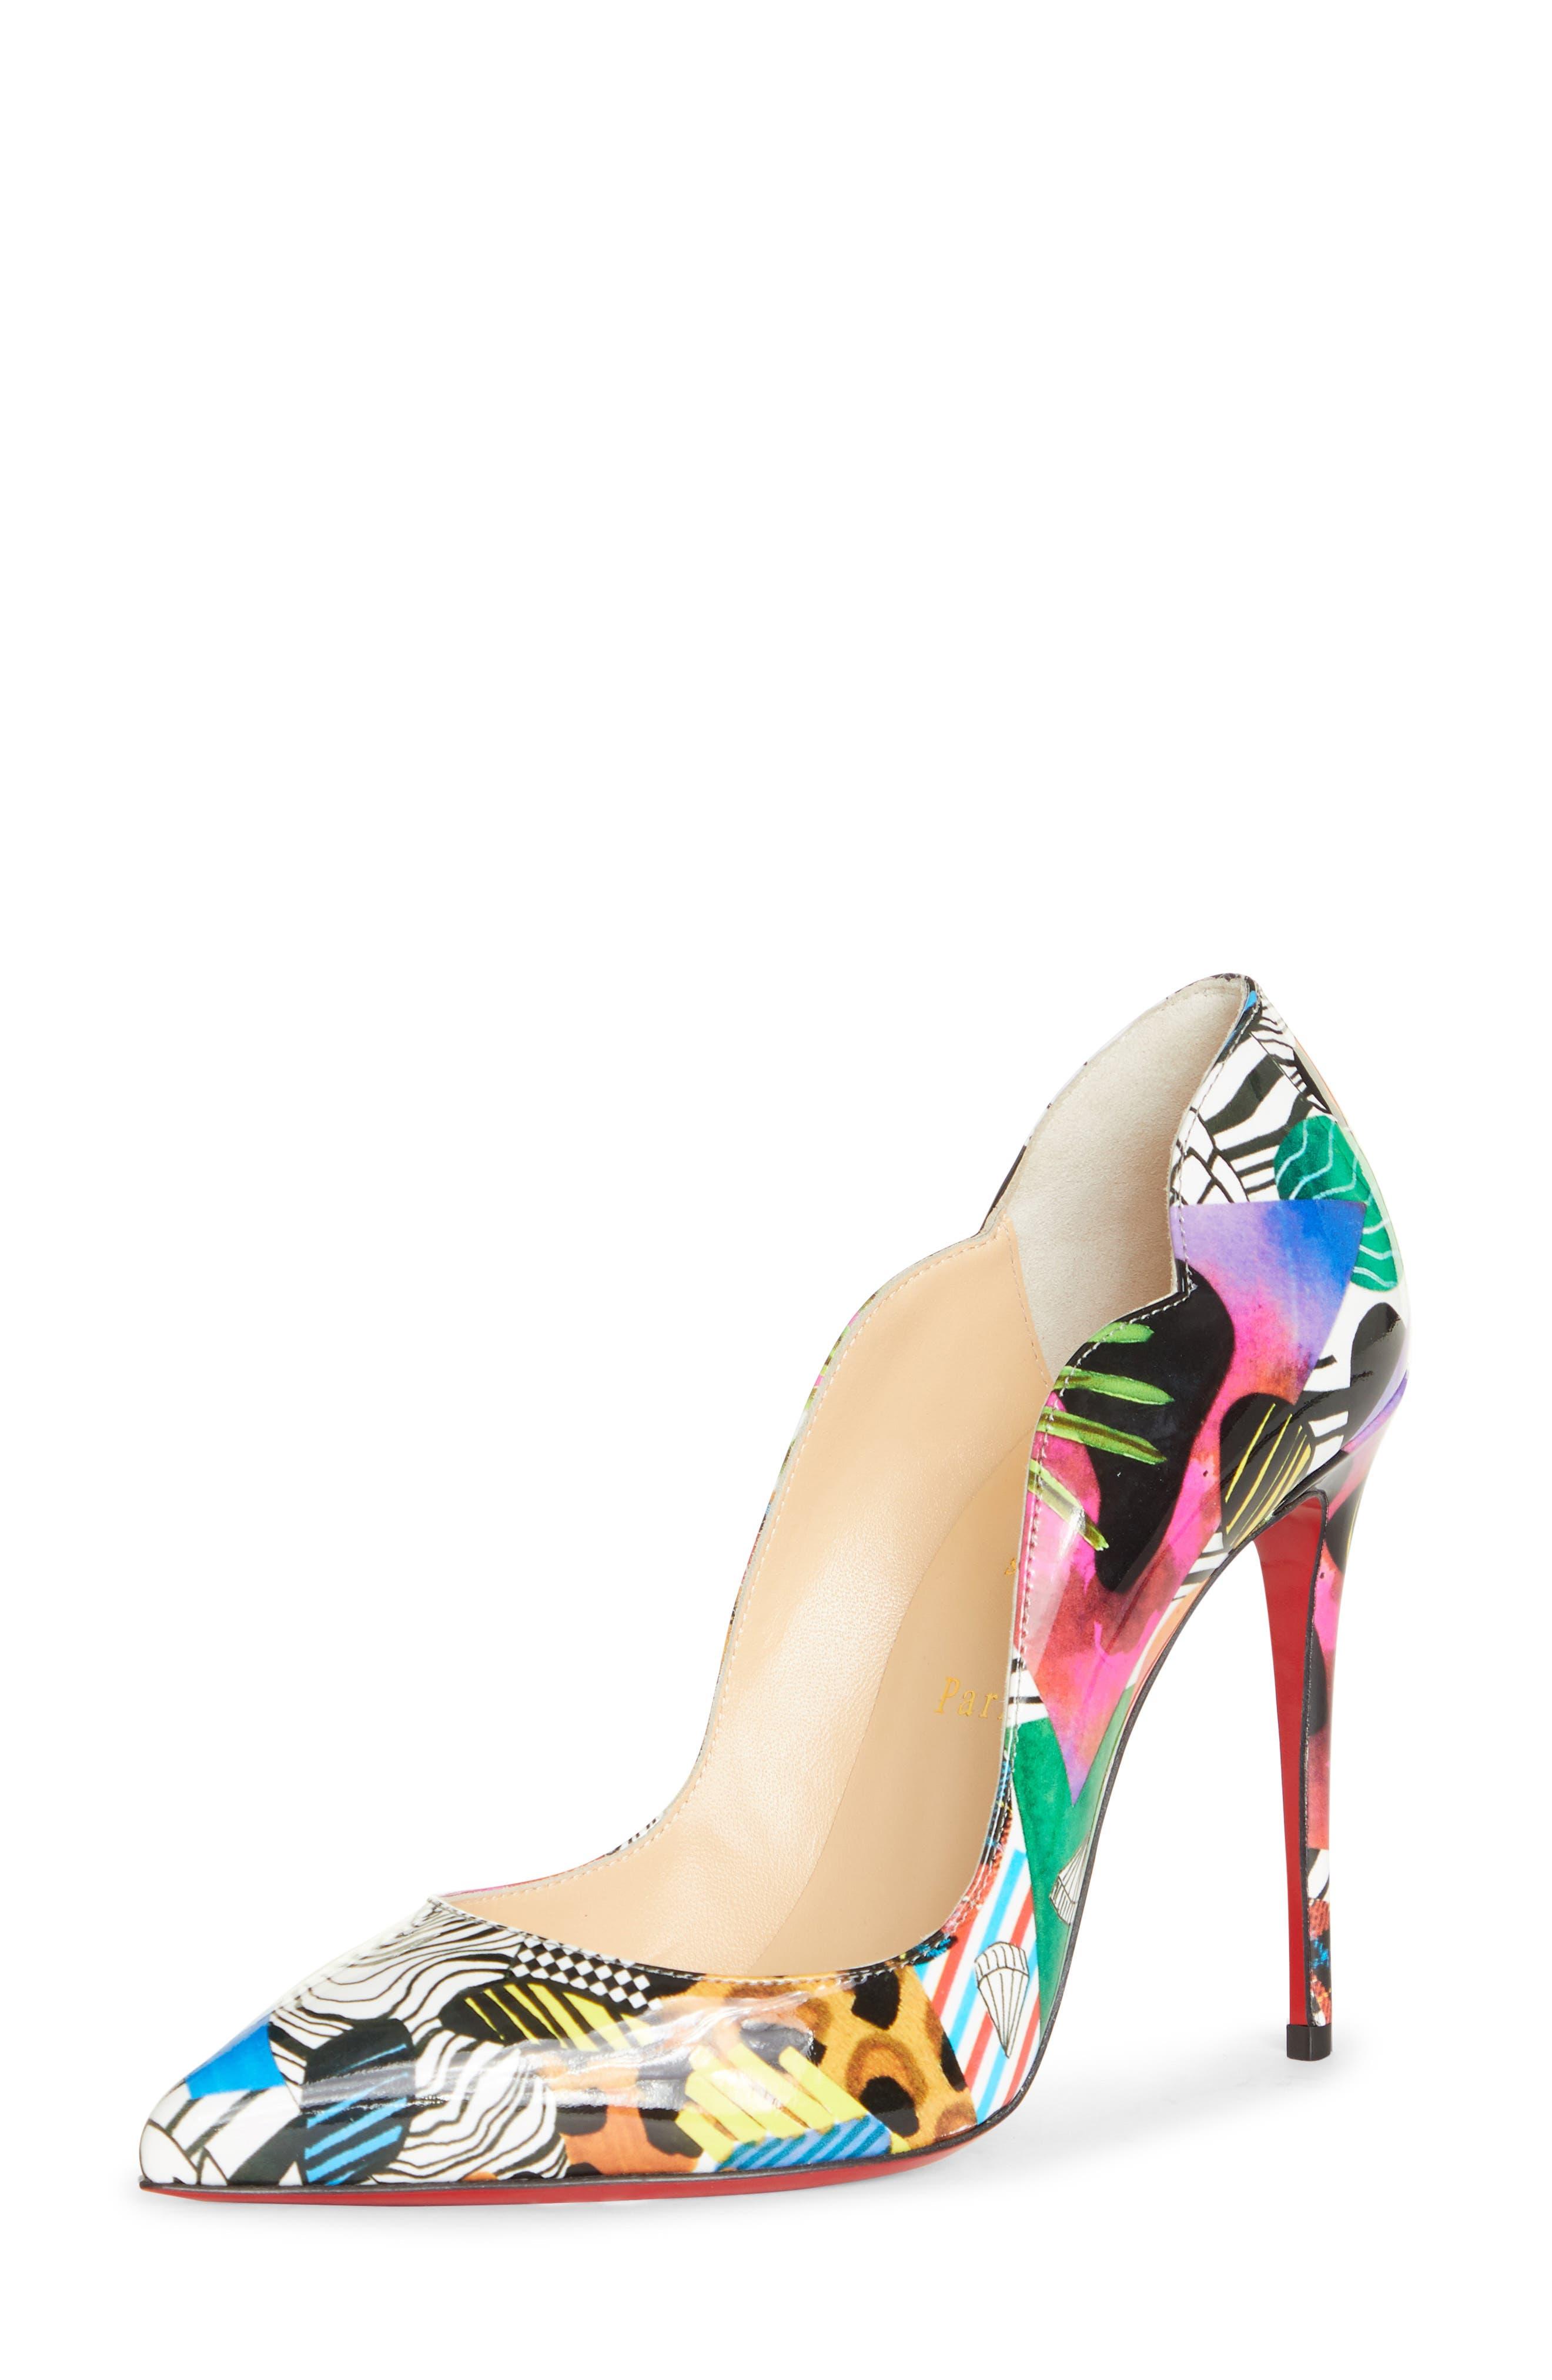 purple designer heels